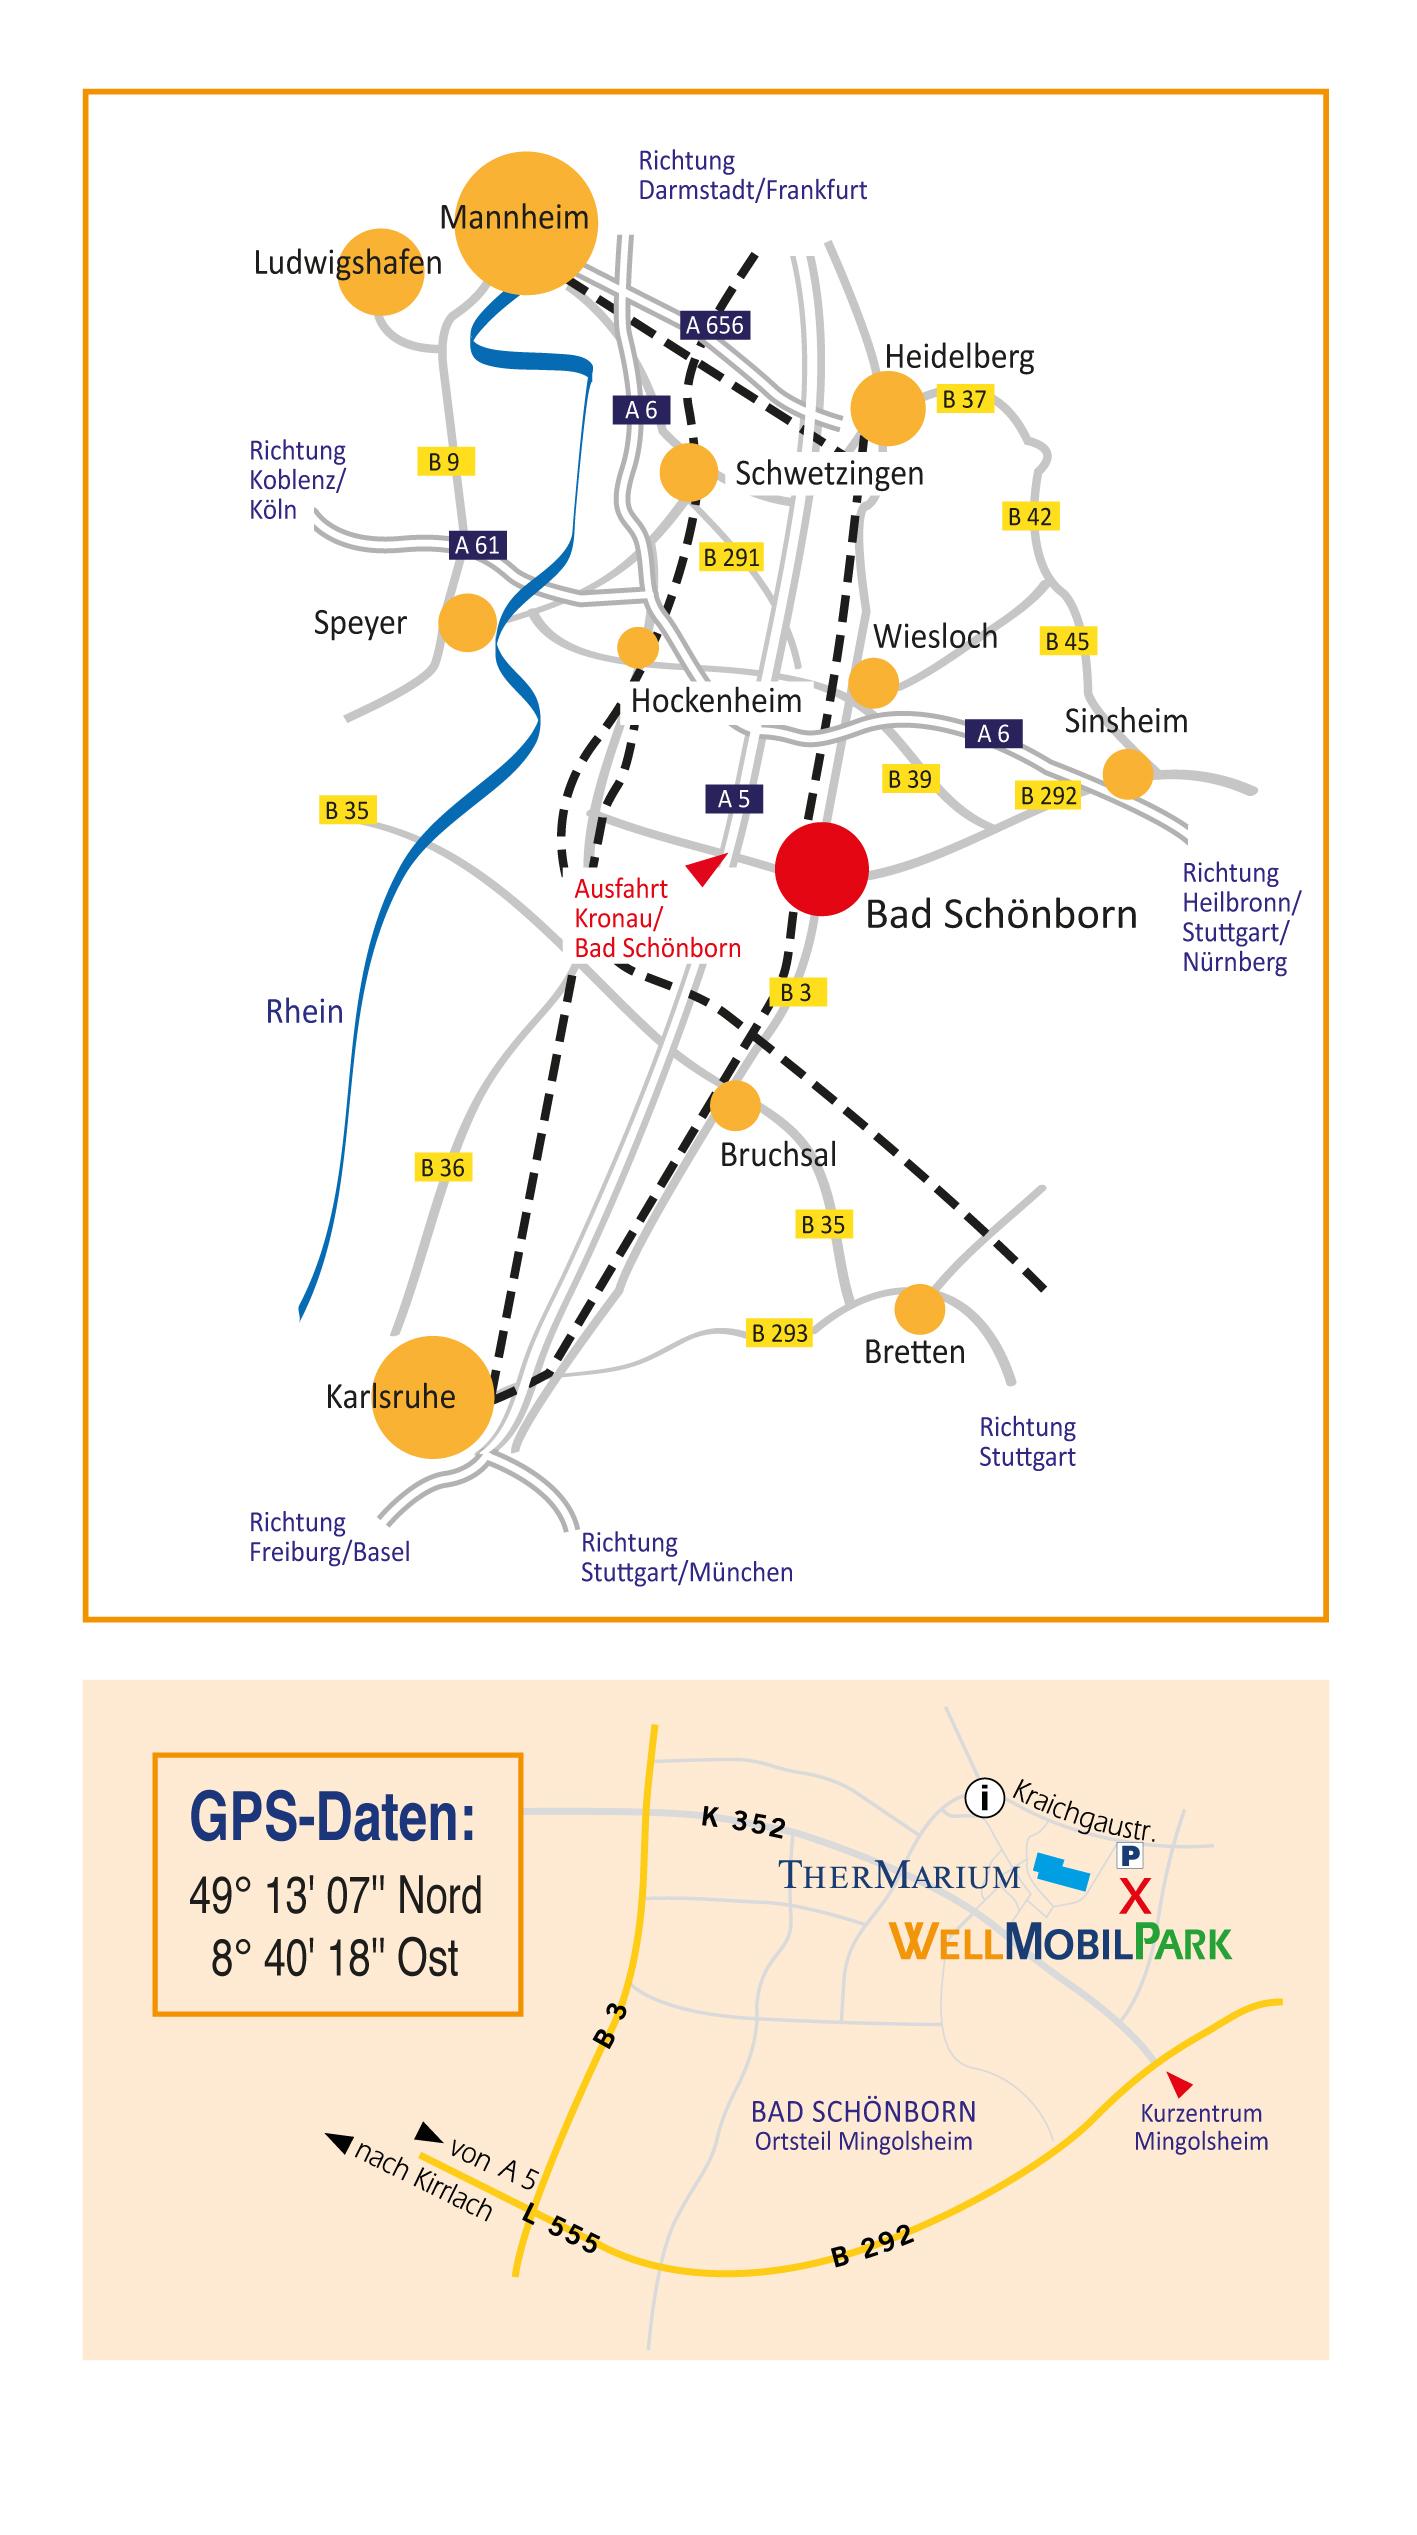 Anfahrtsplan Wellmobilpark Bad Schönborn